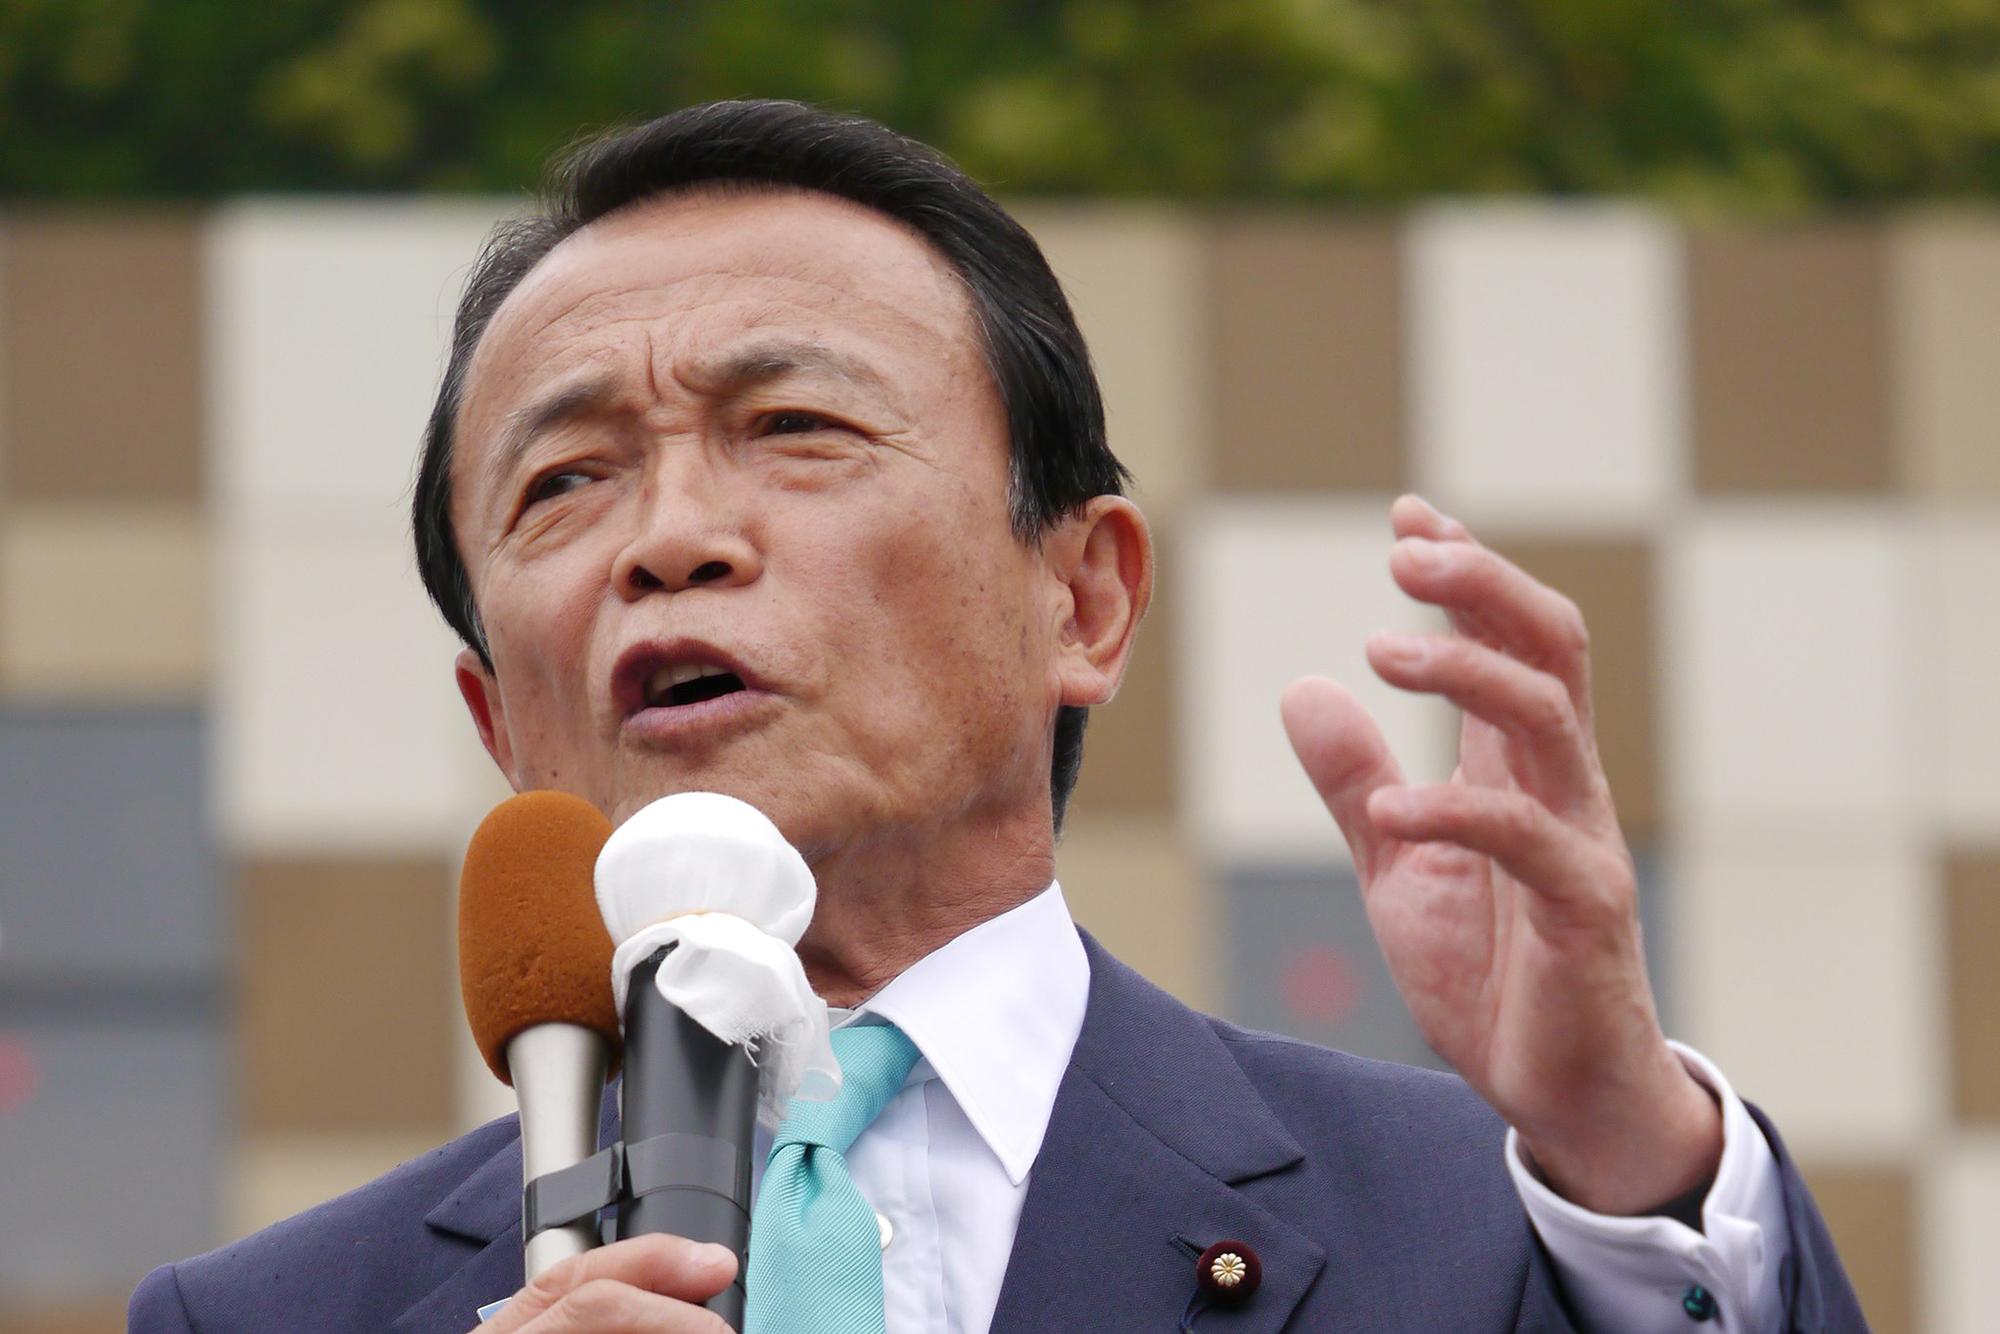 麻生氏「密」な政治資金パーティでカネ集め。やりたい放題の安倍内閣